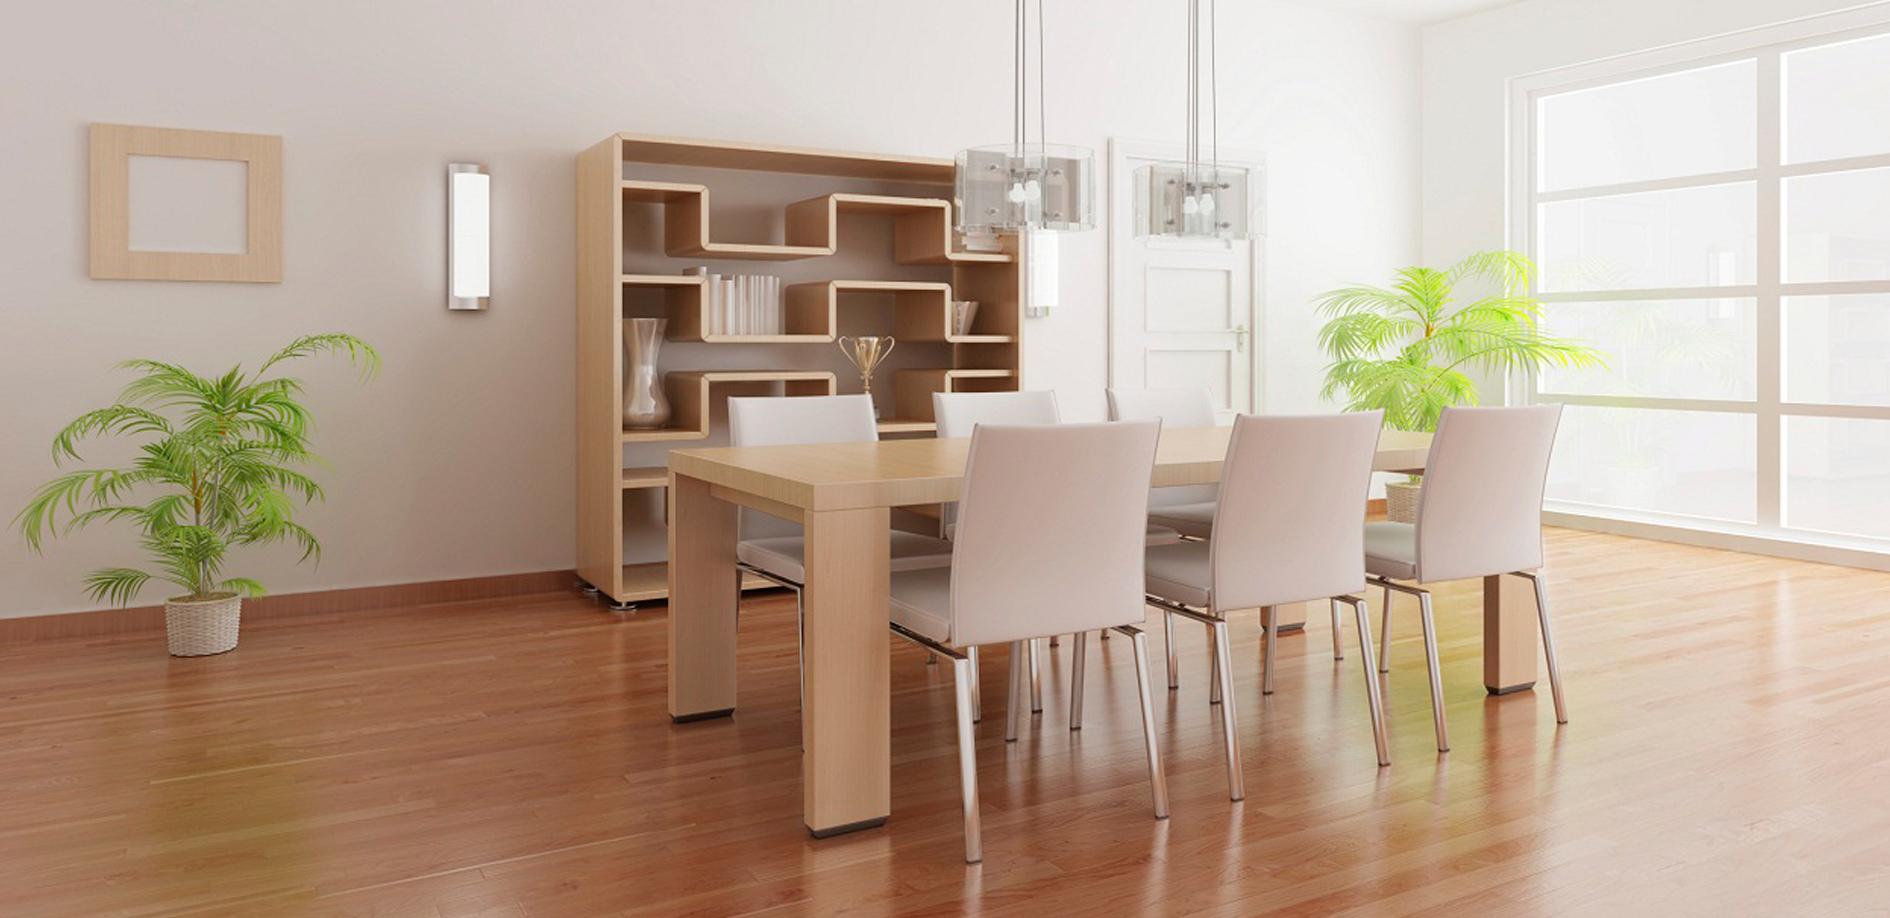 Muebles Modernos Para Comedores Pequeños